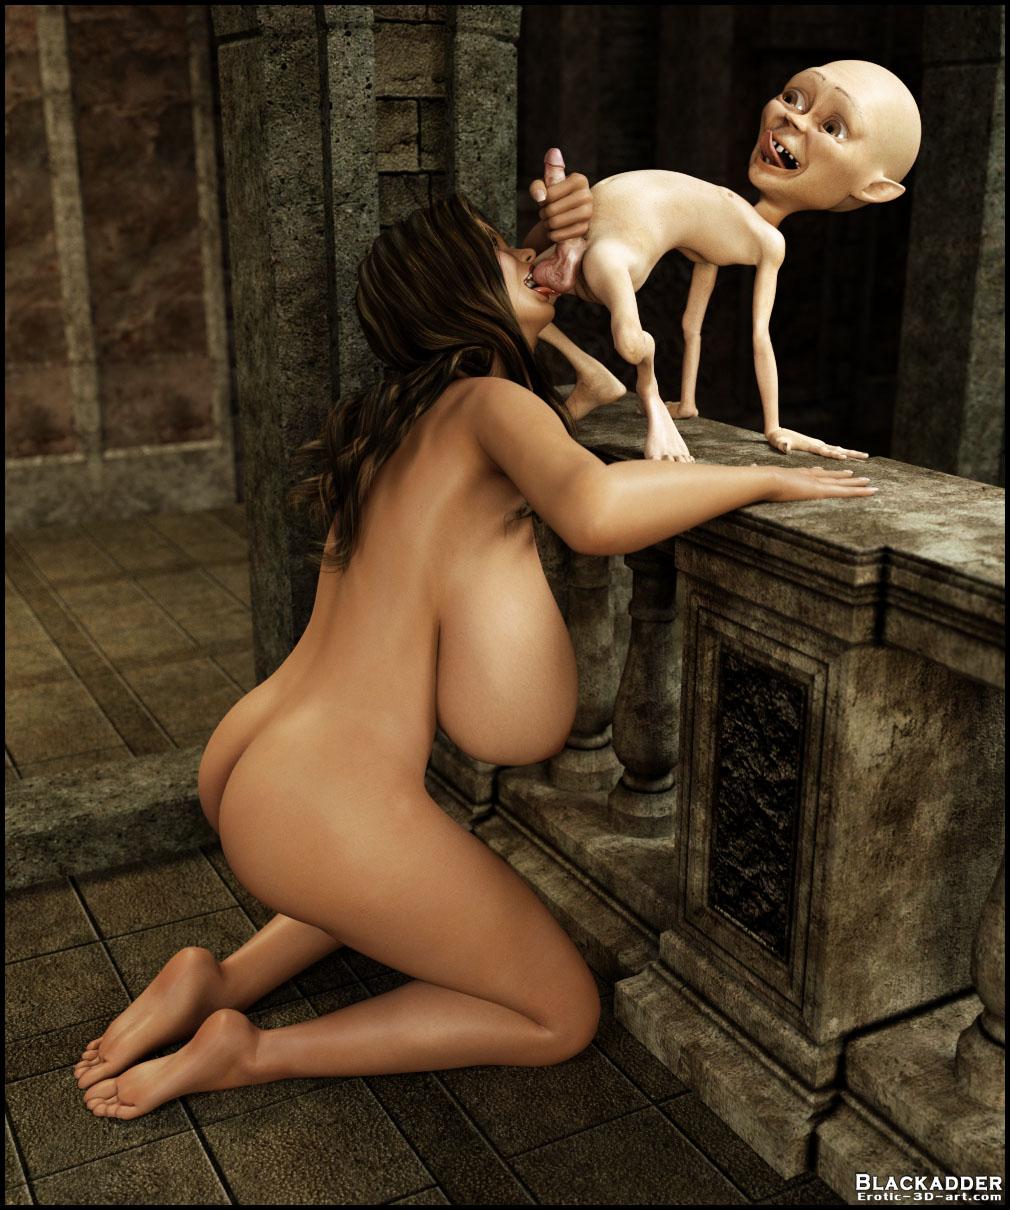 Creature erotic art